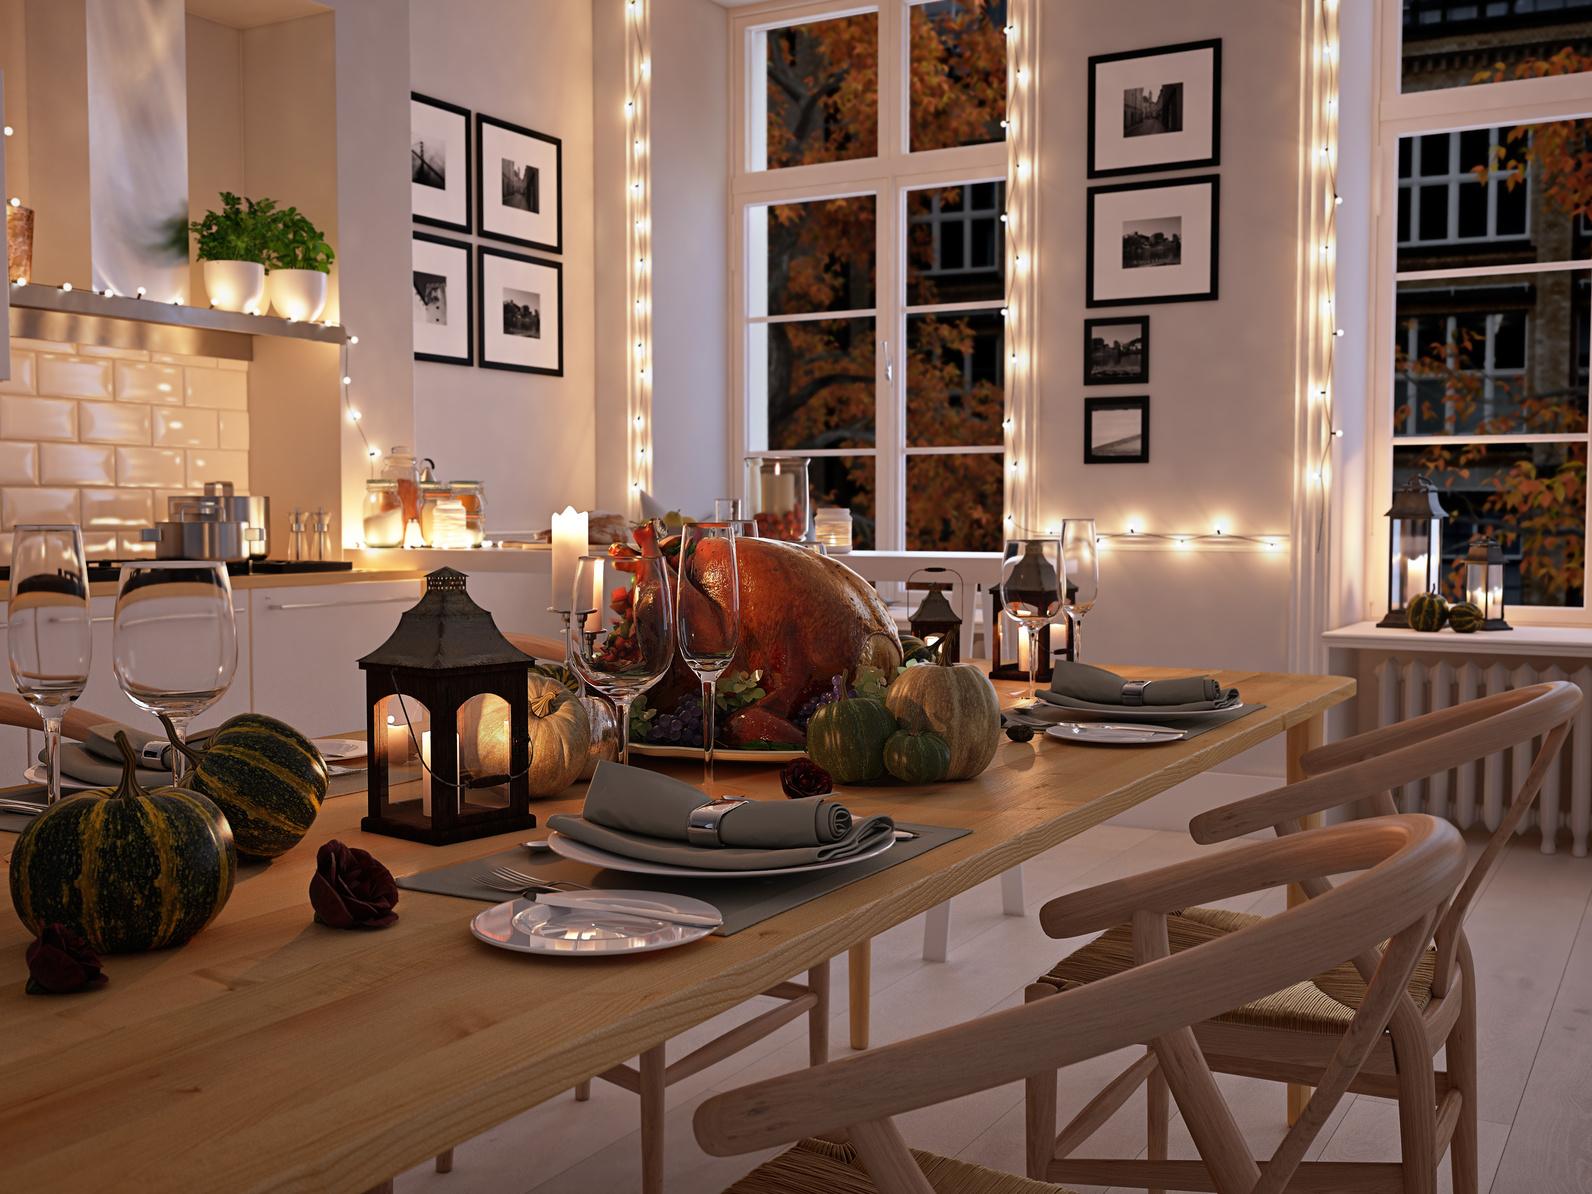 Herbstliche Dekorationsideen Mit Naturmaterialien Fur Ihre Wohnung